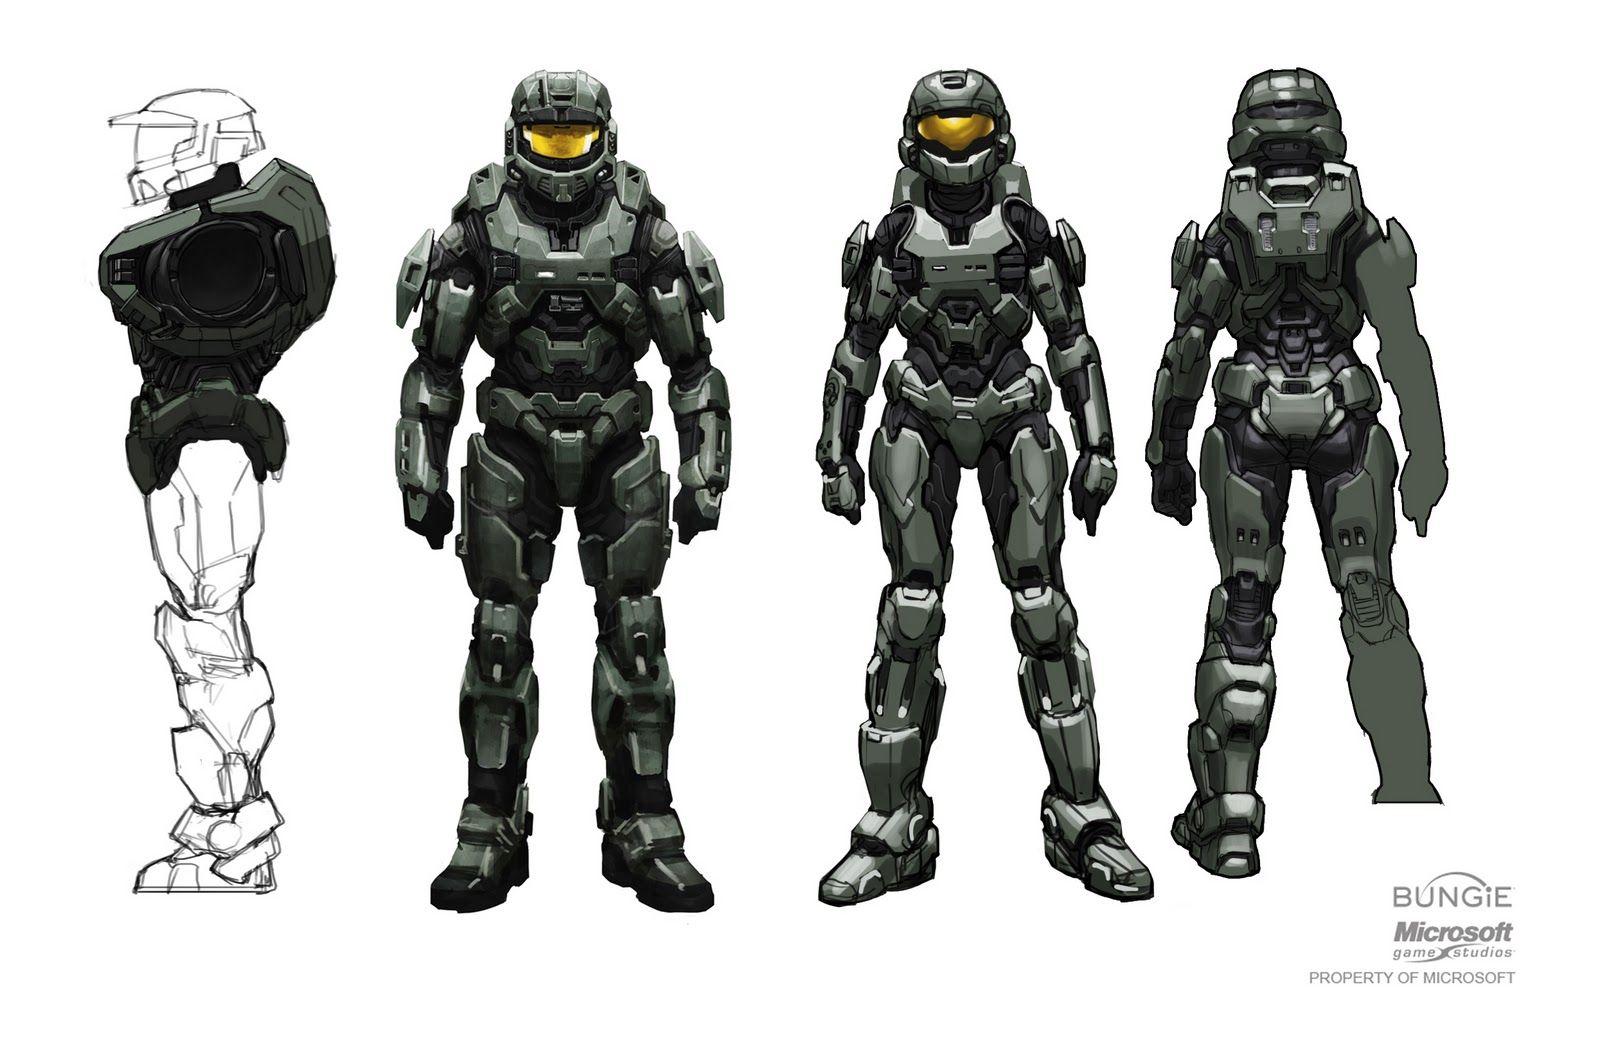 Mjolnir Armour Halo Reach Halo Armor Halo Reach Armor Halo